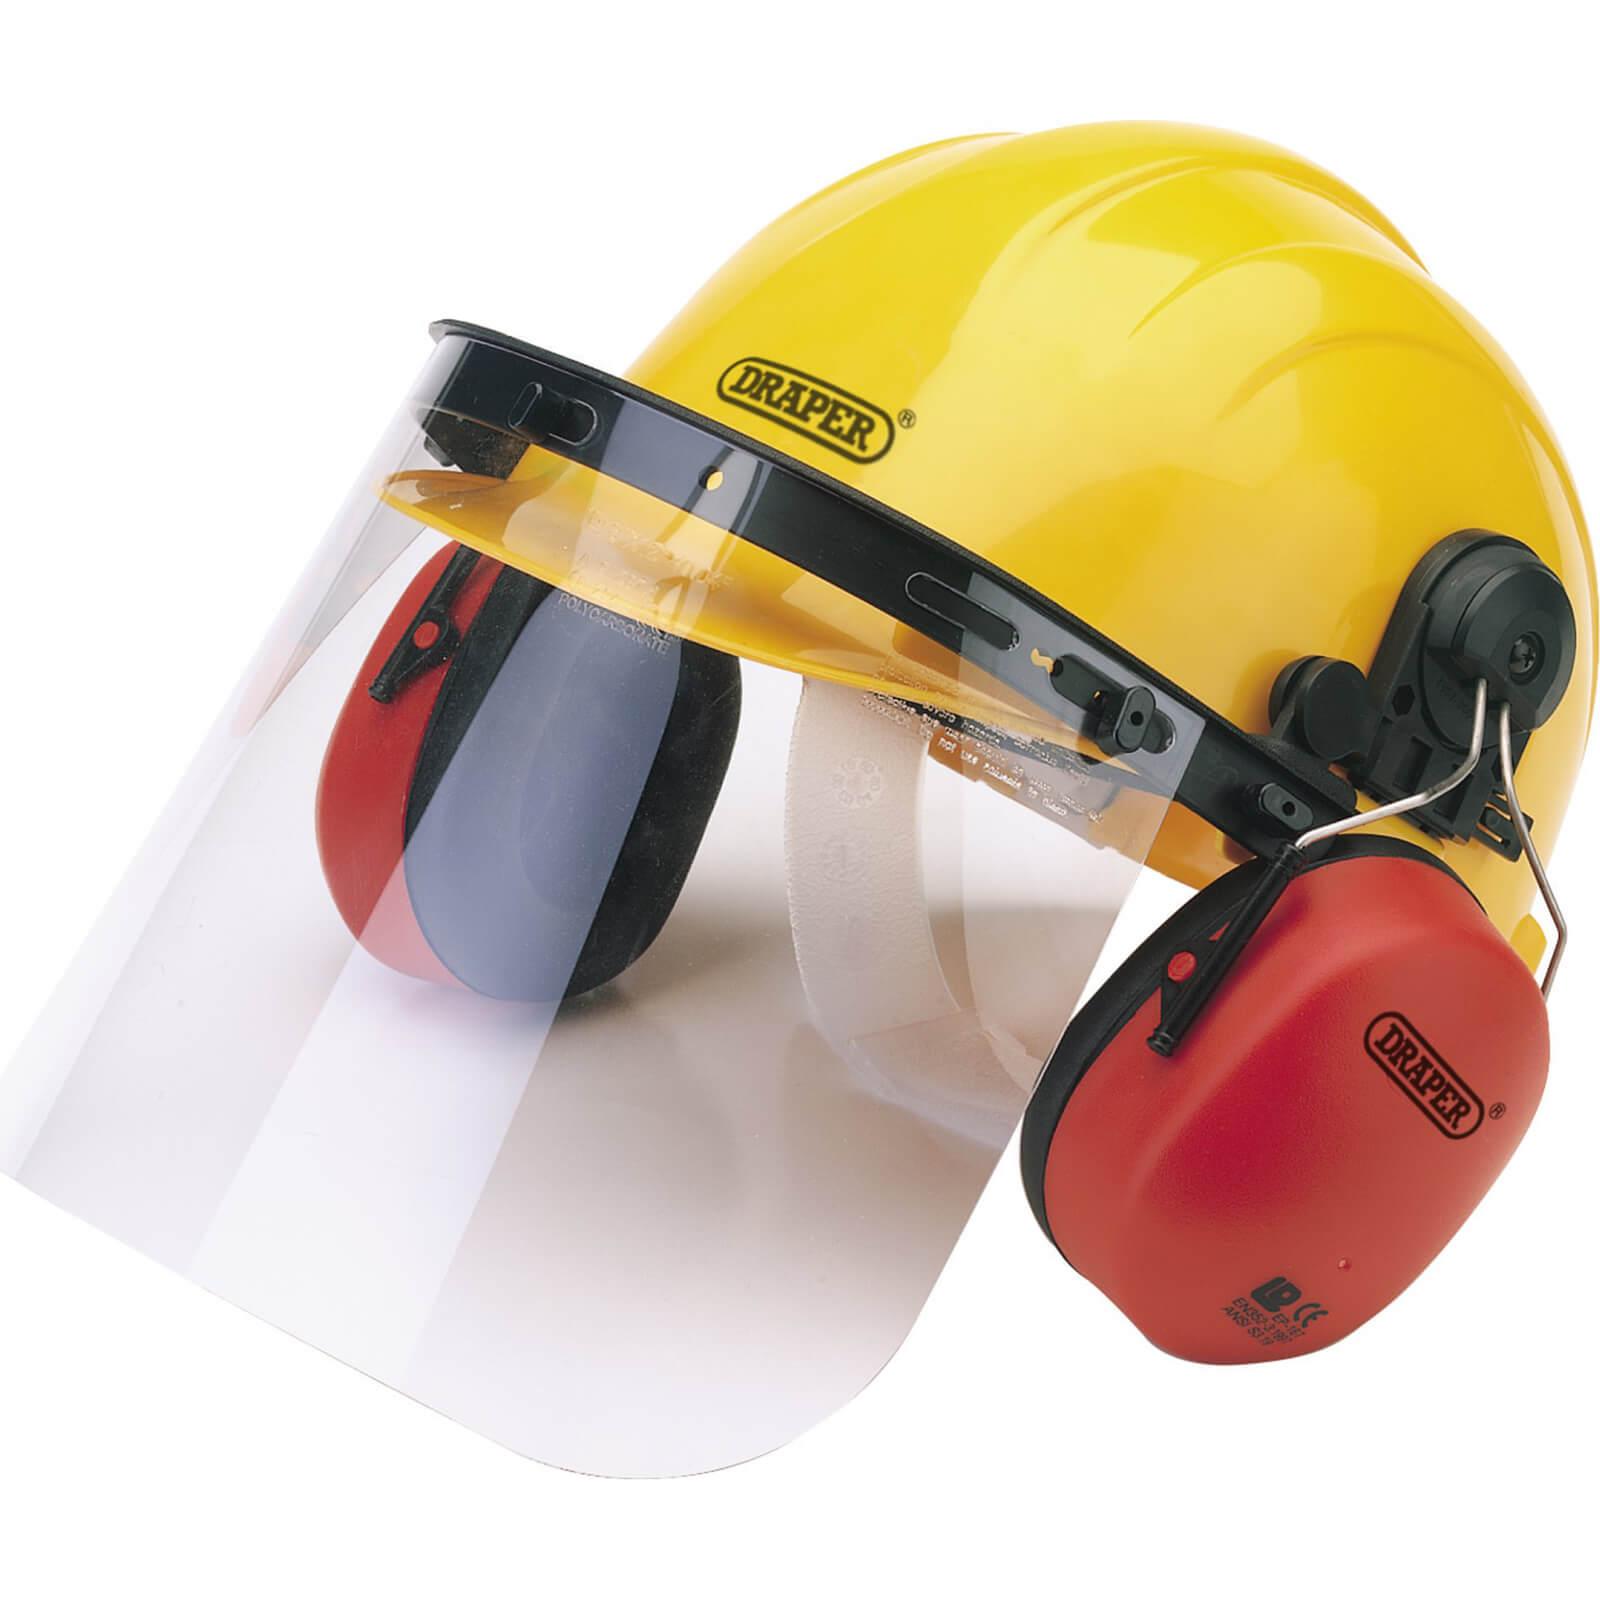 Draper Hard Hat Safety Helmet Visor & Ear Defenders